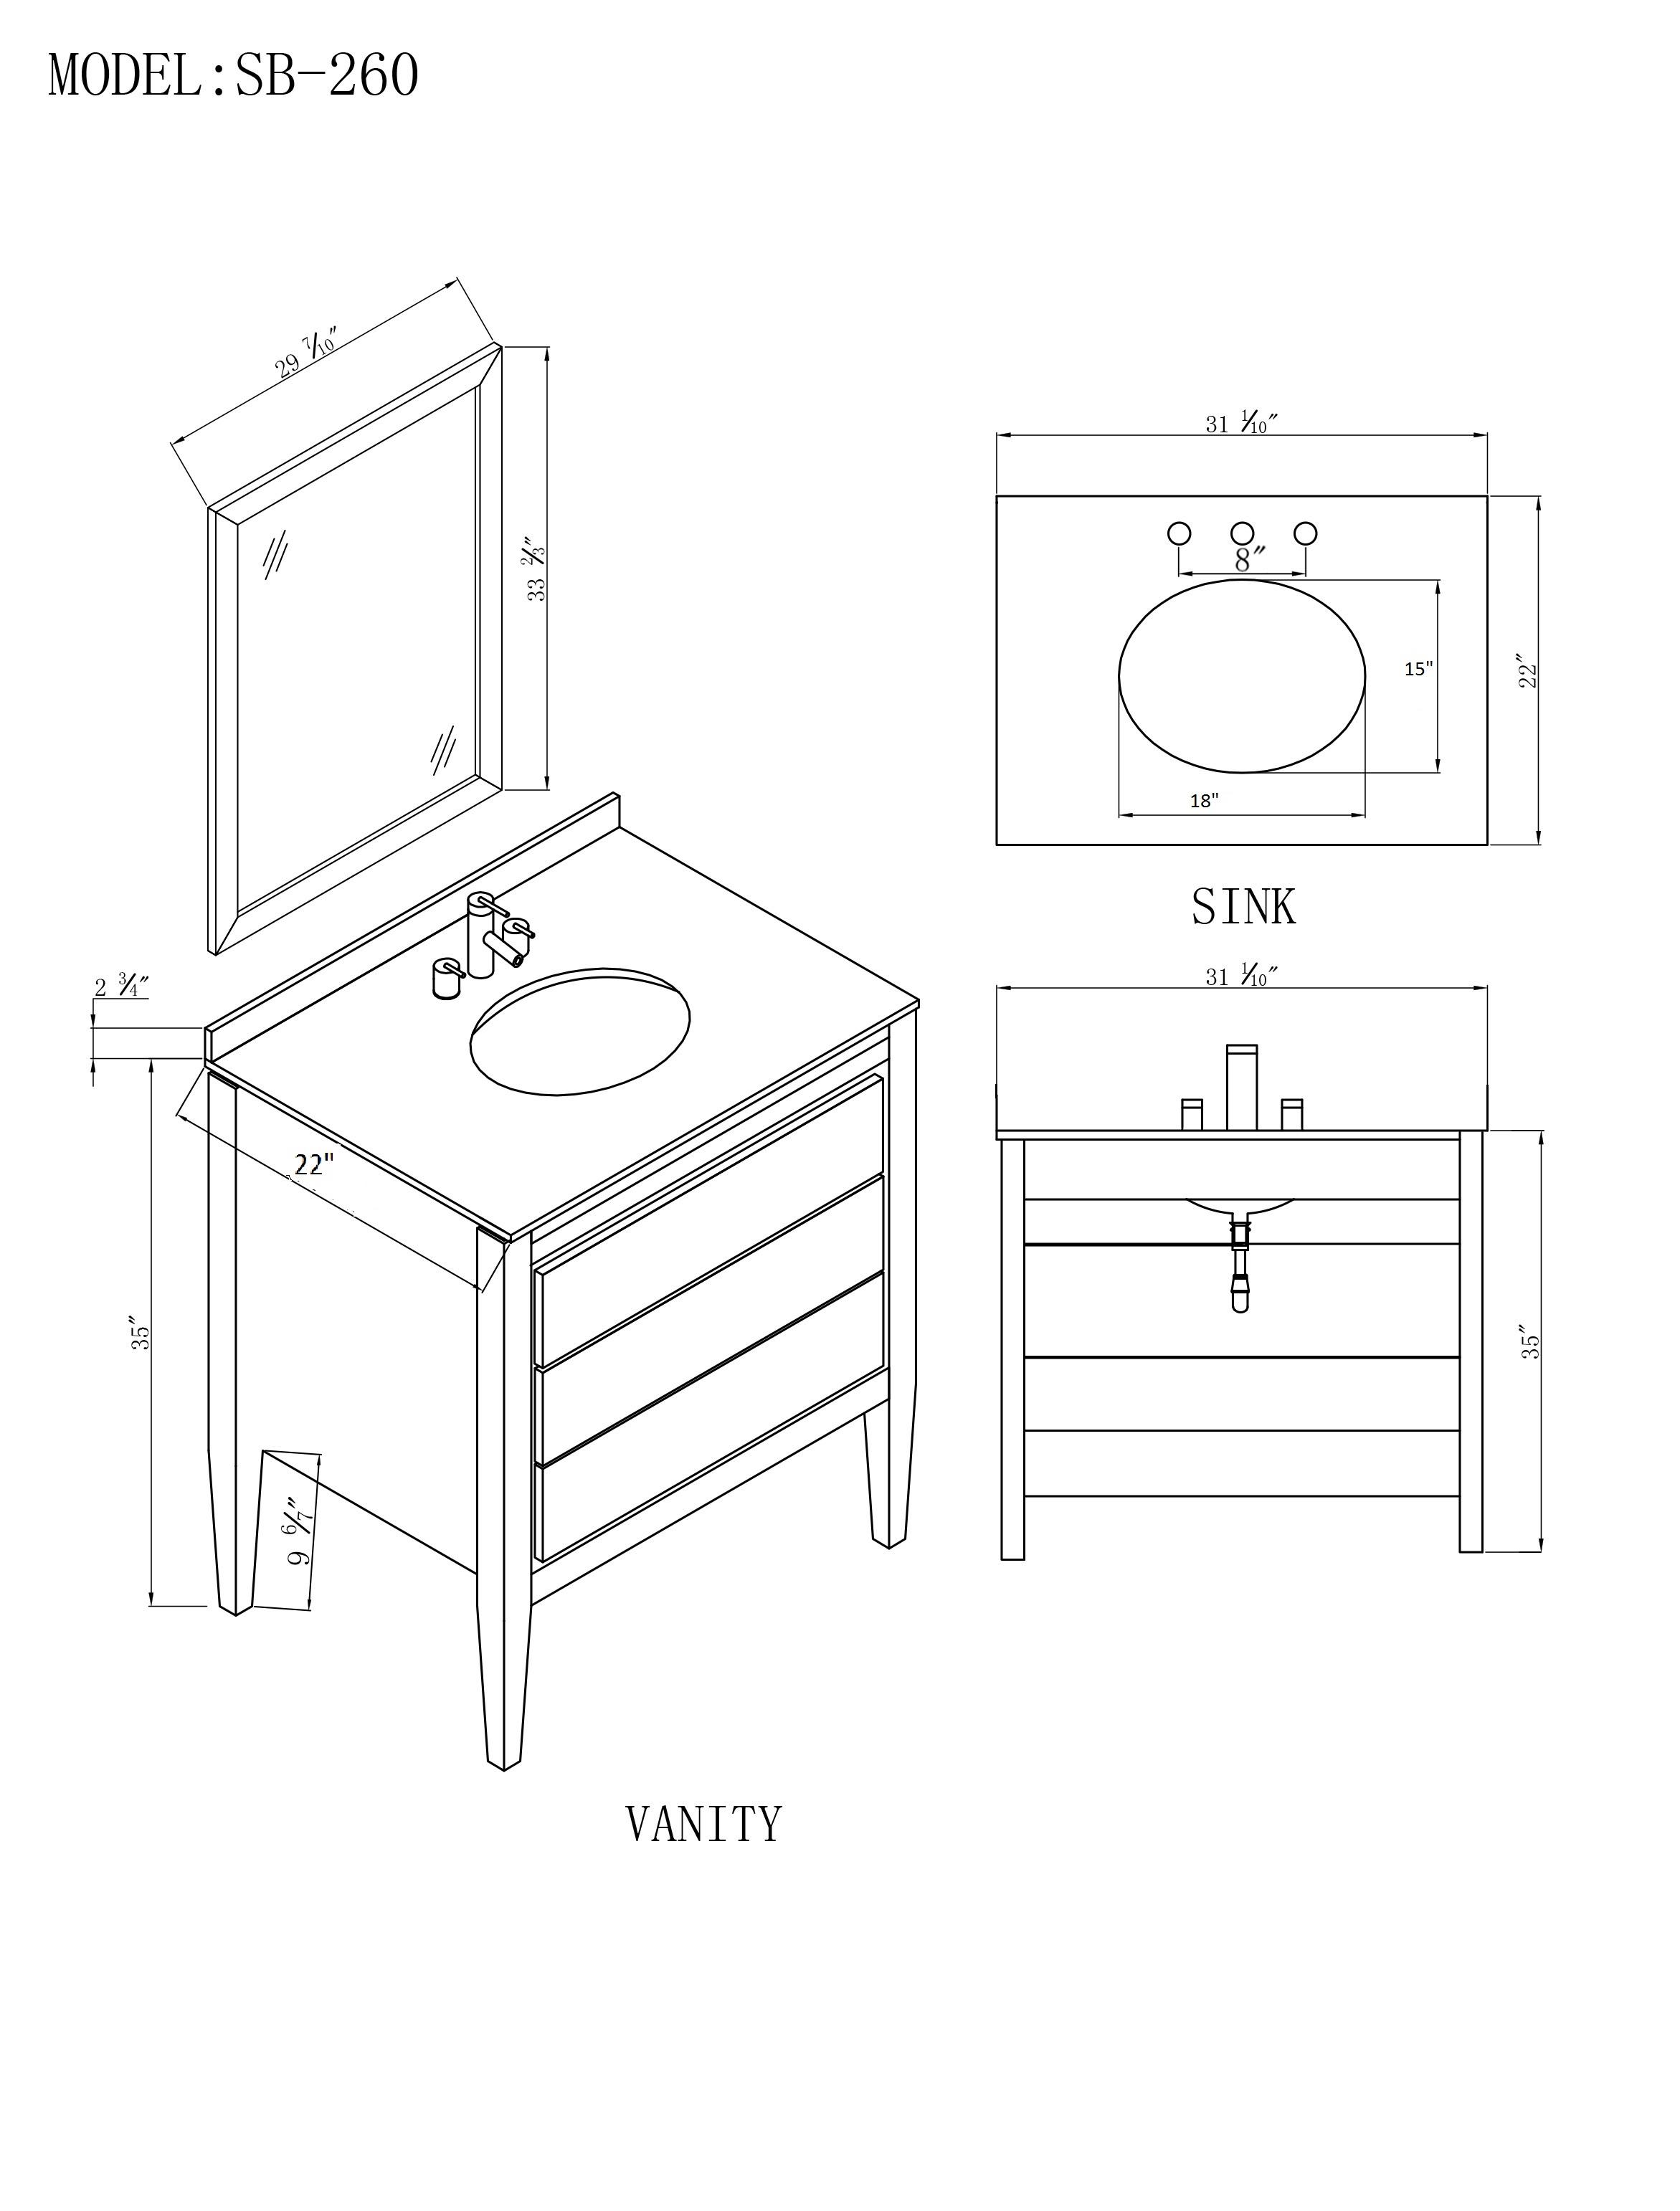 High End Bathroom Vanity. Image Result For High End Bathroom Vanity